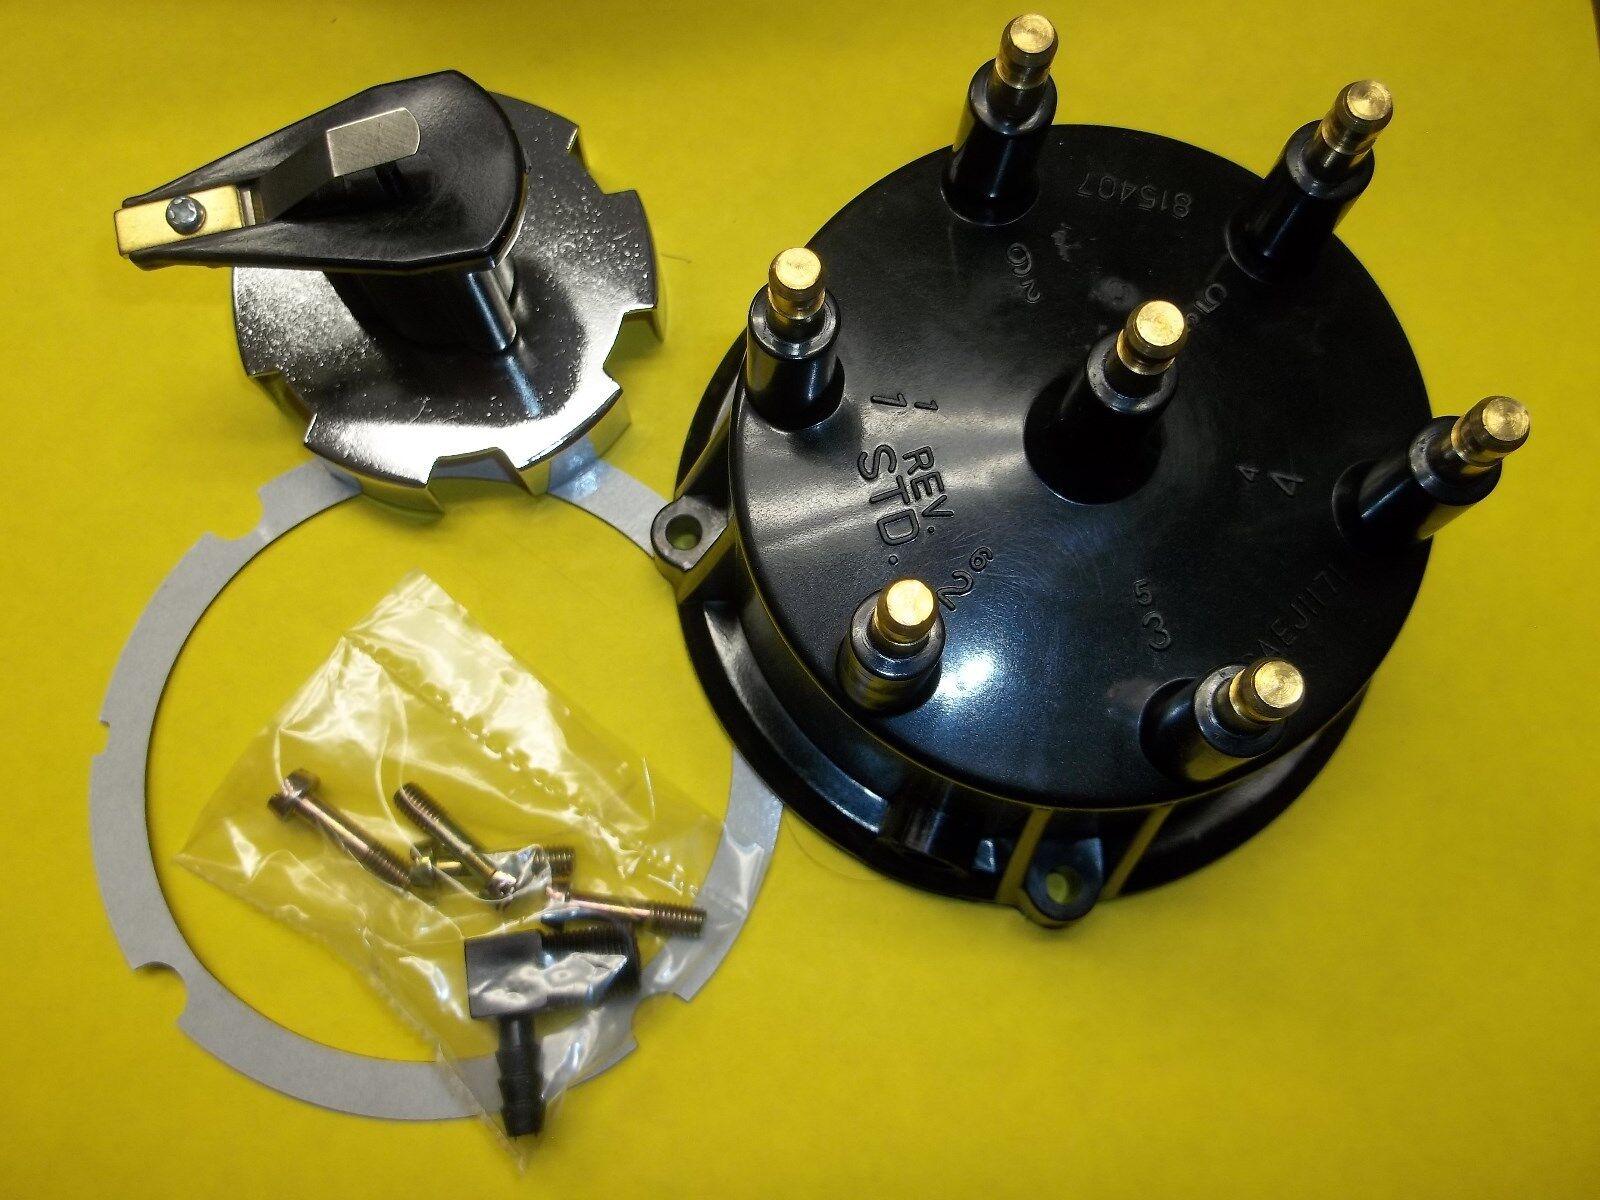 MerCruiser distributor cap rotor kit Thunderbolt IV V HEI Ignitions 815407Q5 4.3